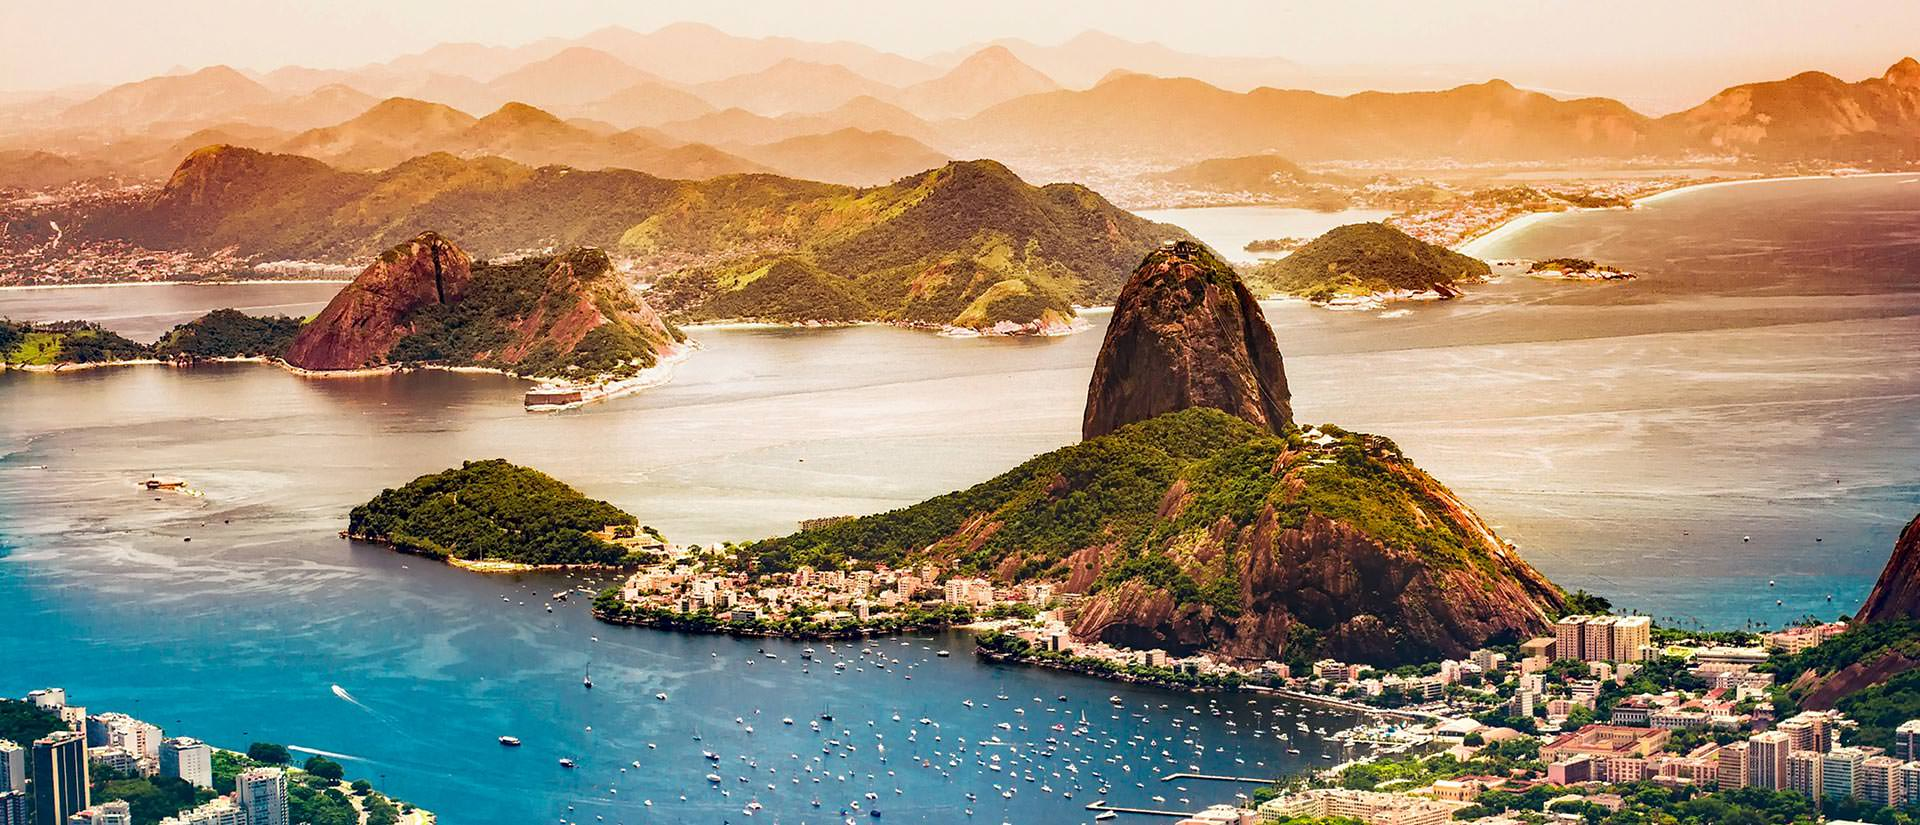 טיולים מאורגנים לברזיל